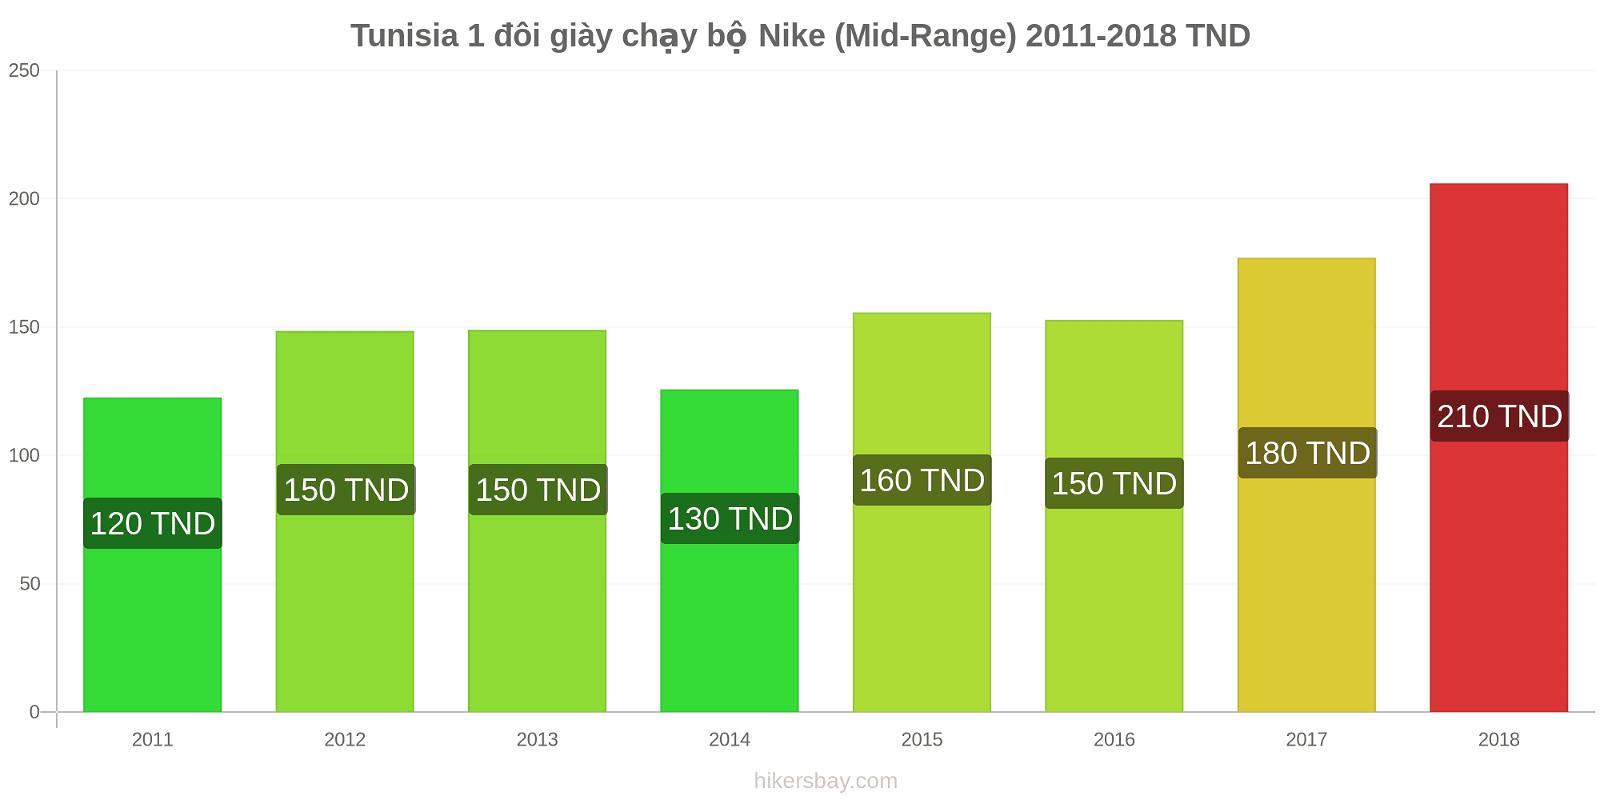 Tunisia thay đổi giá 1 đôi giày chạy bộ Nike (Mid-Range) hikersbay.com